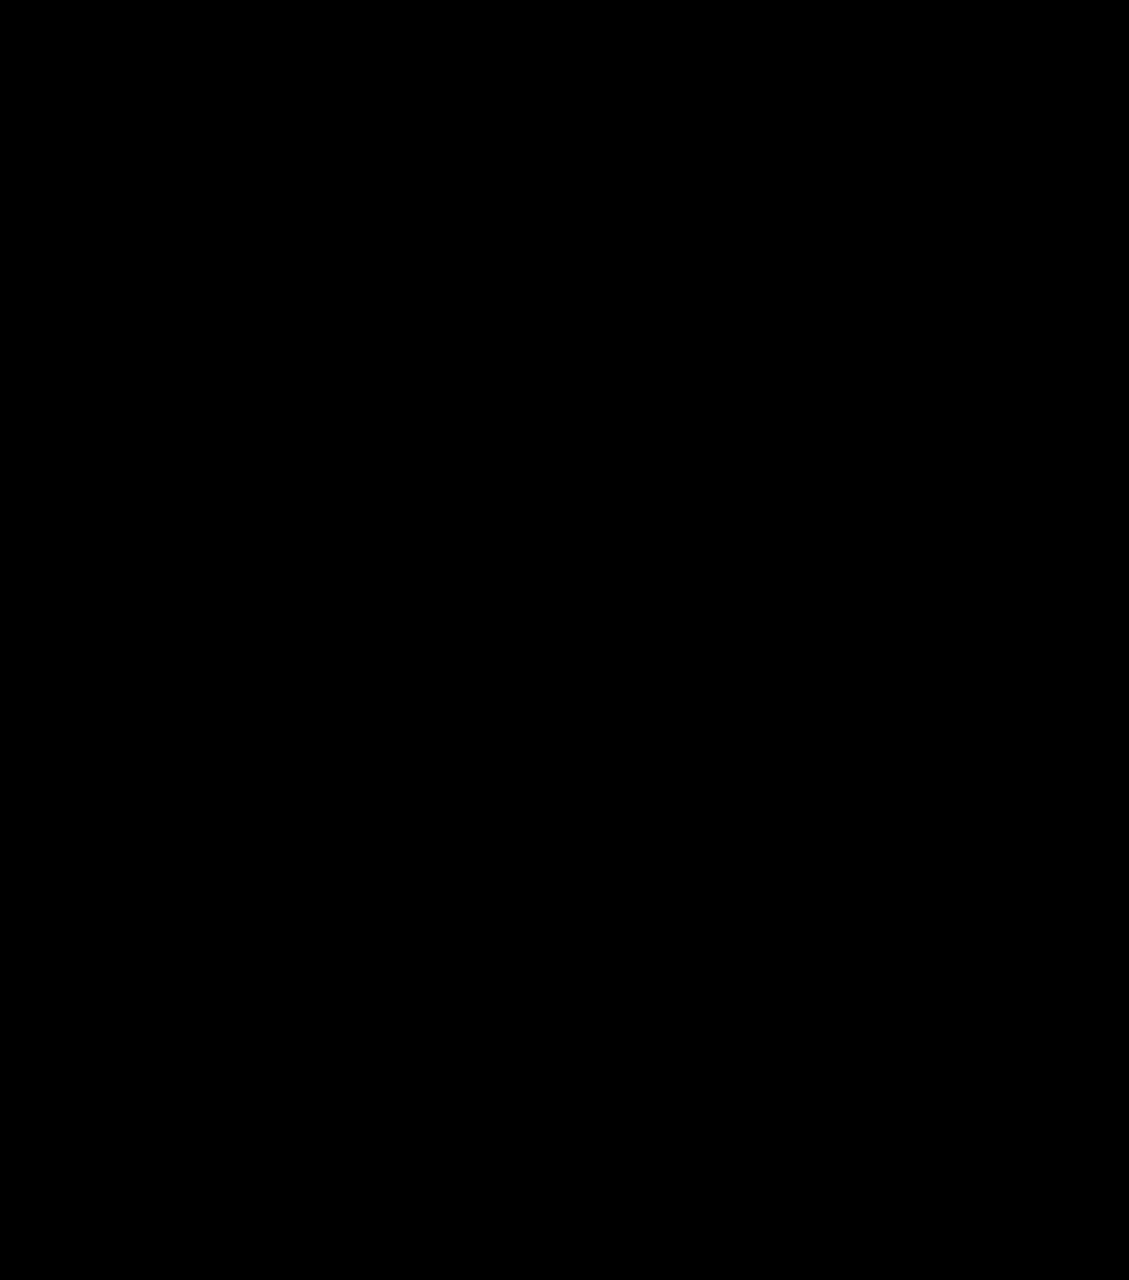 Silhouette,basketball Player,nba,basketball Hoop - Basketball Court Silhouette Png (500x566), Png Download